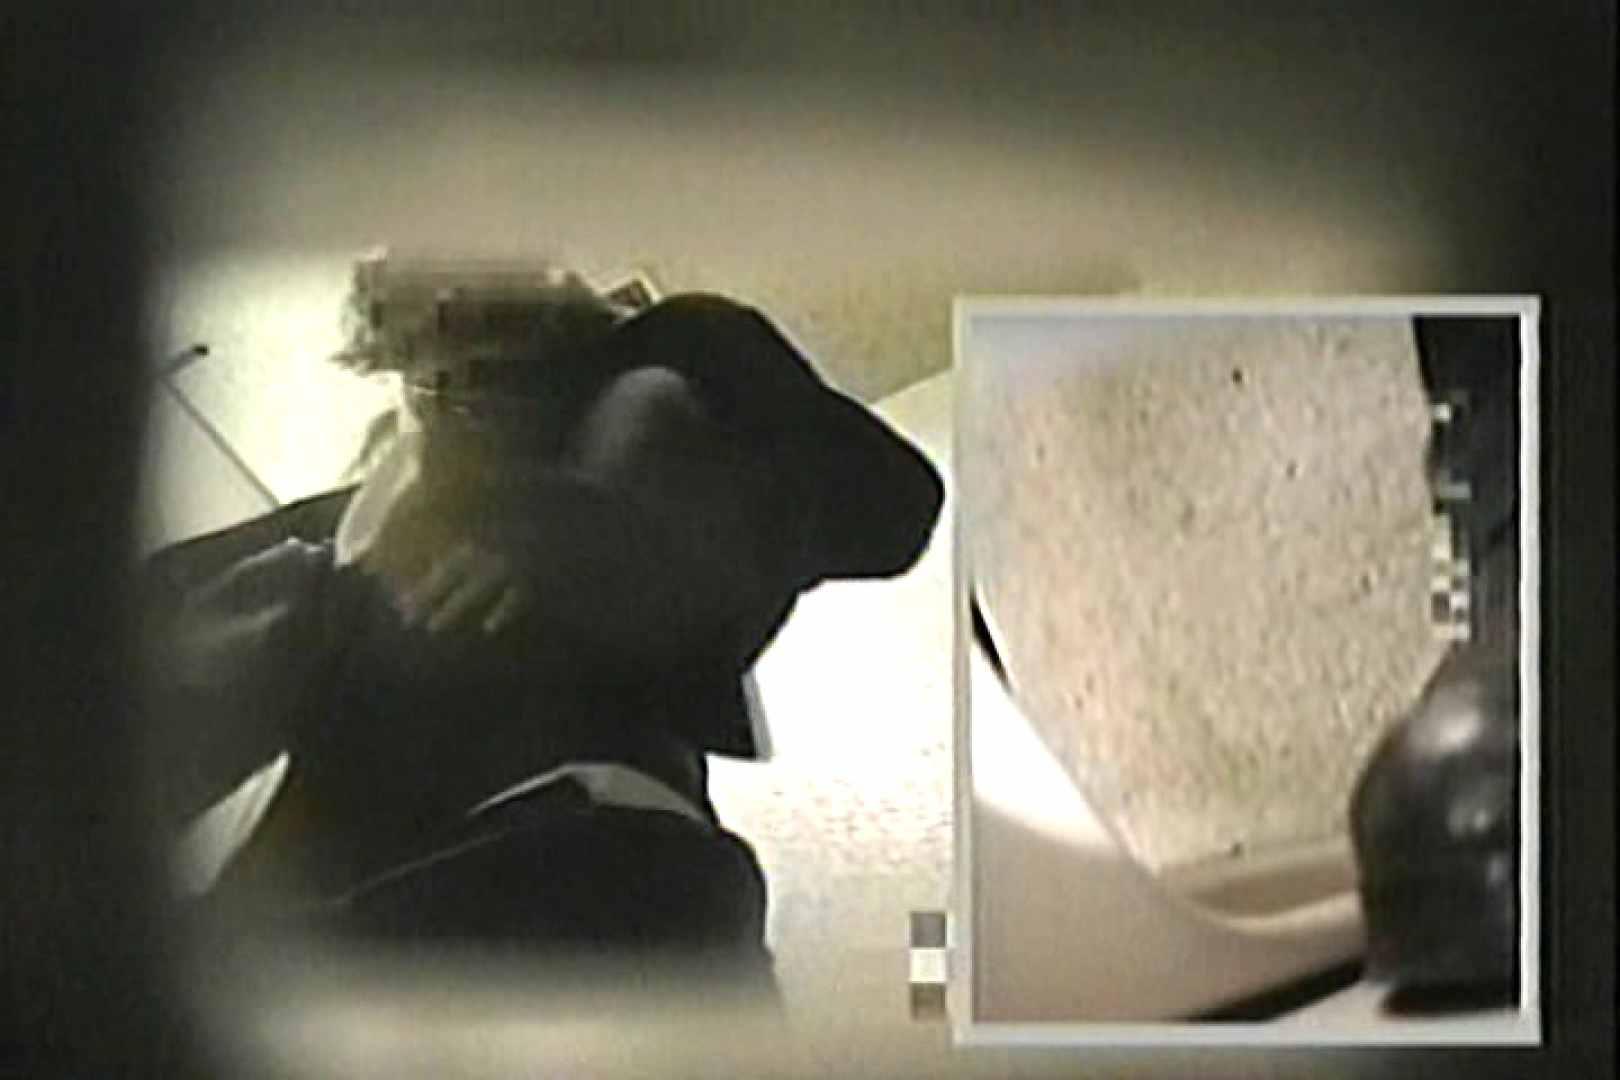 女子洗面所盗撮 今度の2カメは若い子だらけ  TK-127 マルチアングル | おまんこ  91画像 41